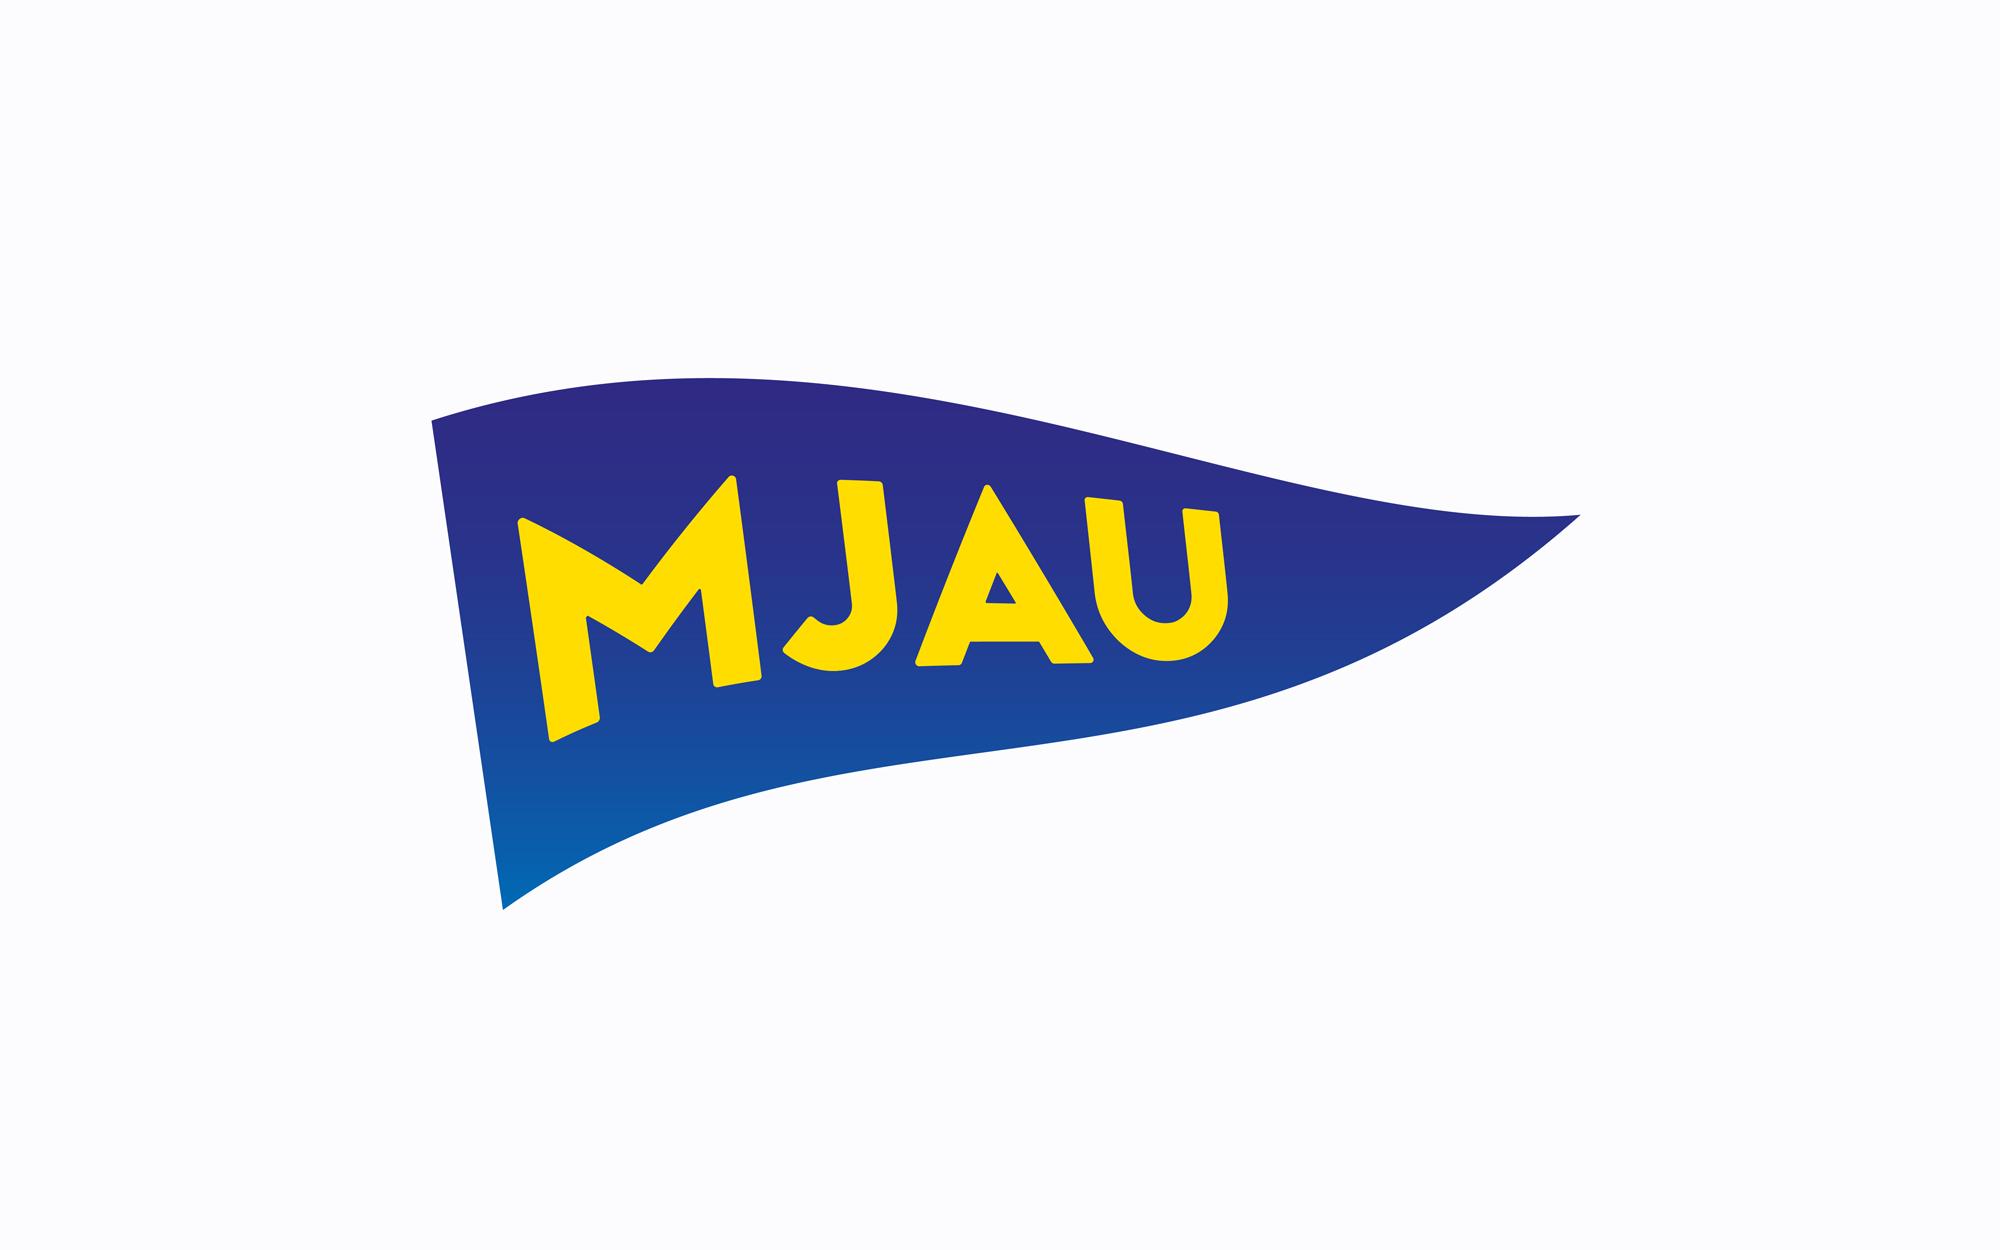 Mjau_01